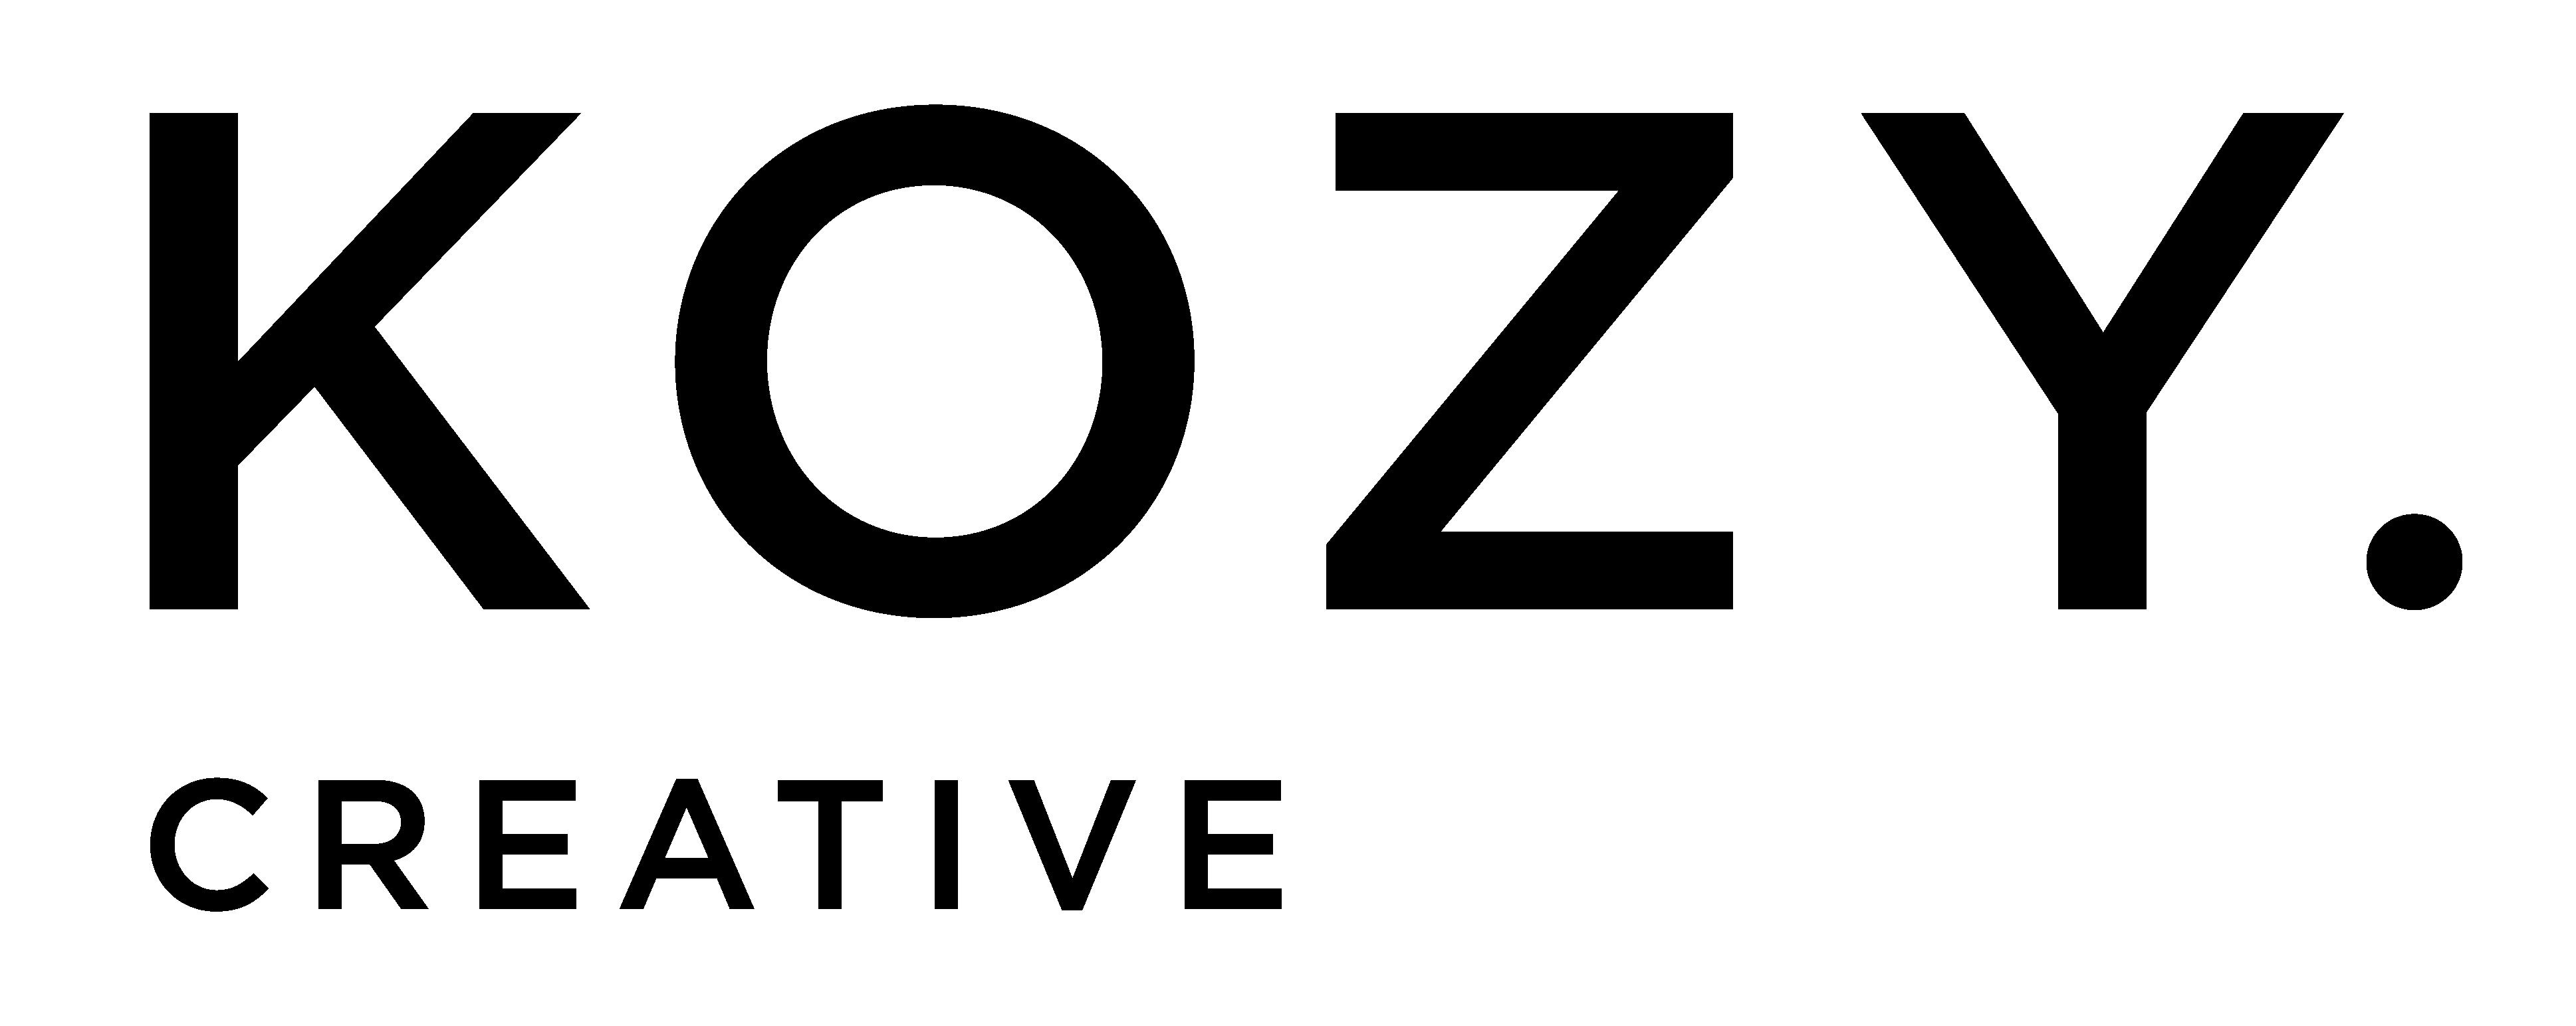 Agence Kozy